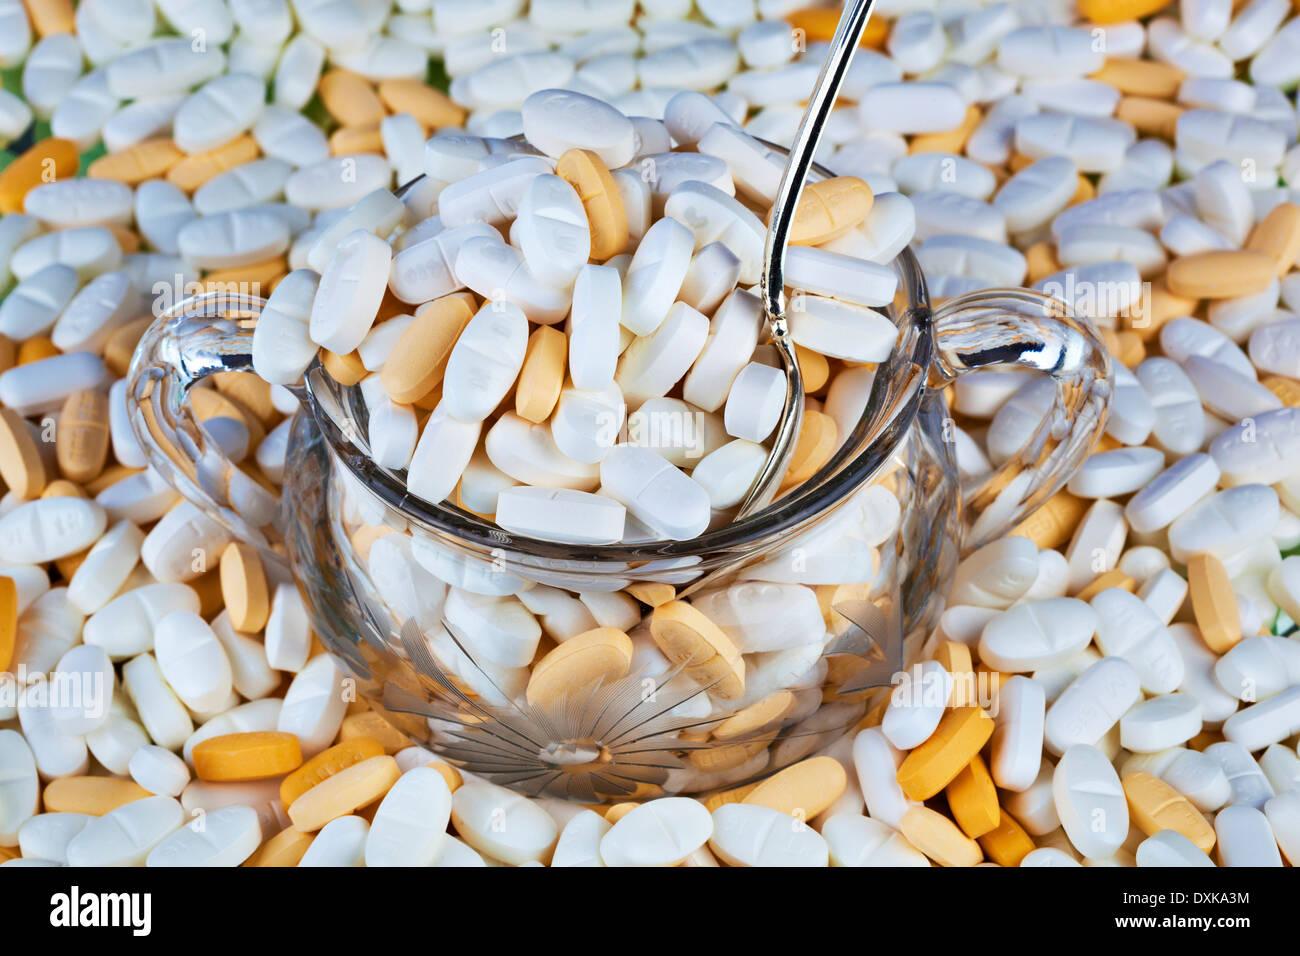 Verschreibungspflichtige Medikamente überfüllt von Zuckerdose Stockbild